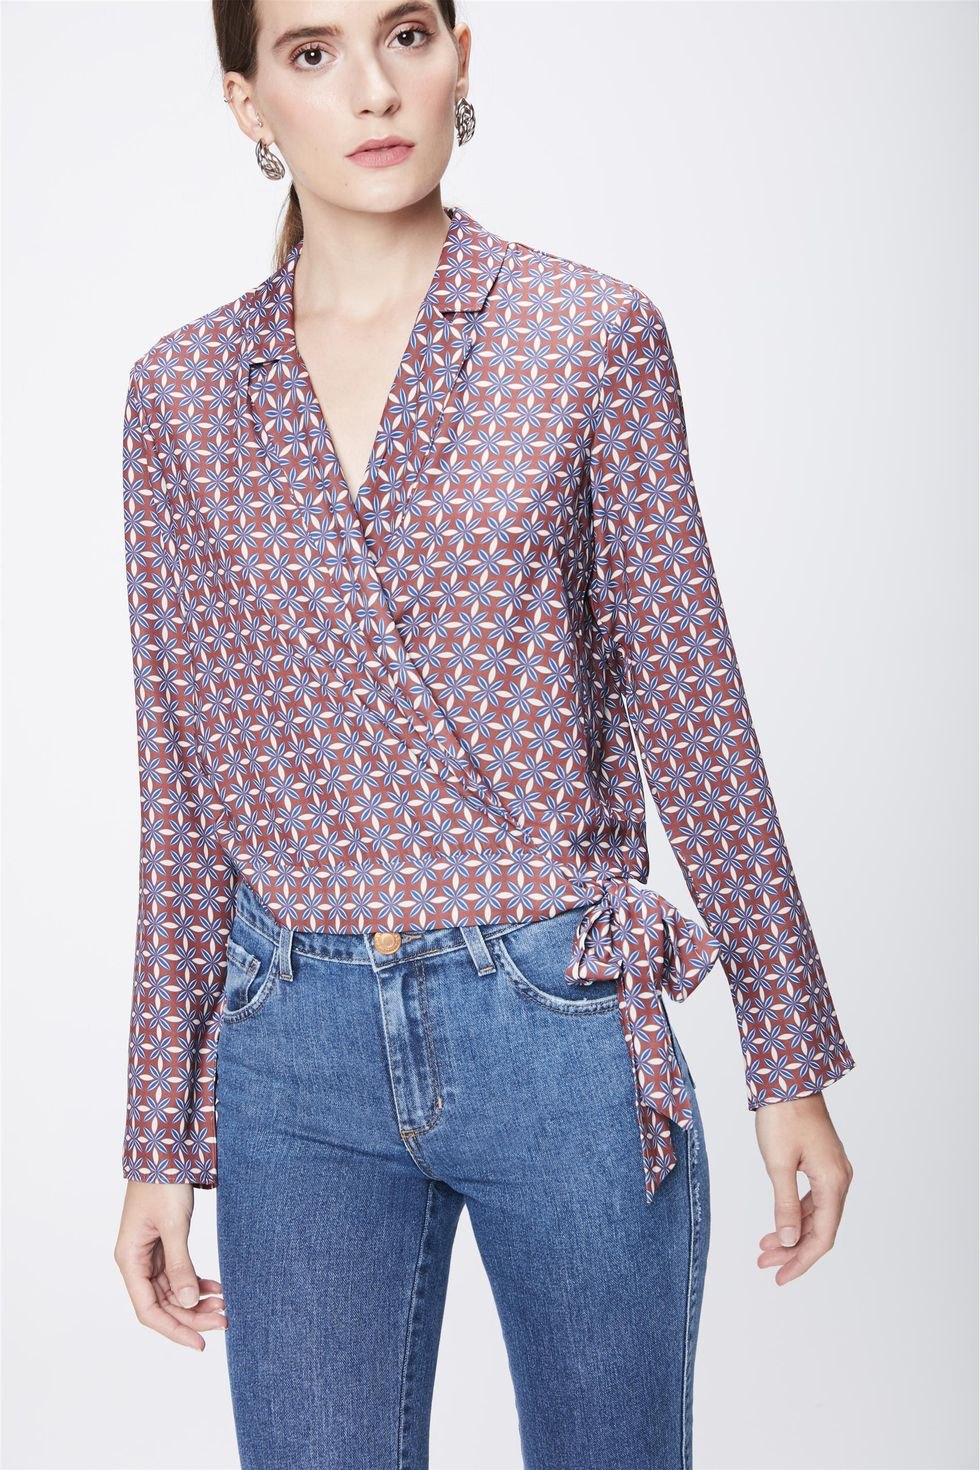 Camisa-Estampada-Feminina-com-Transpasse-Frente--